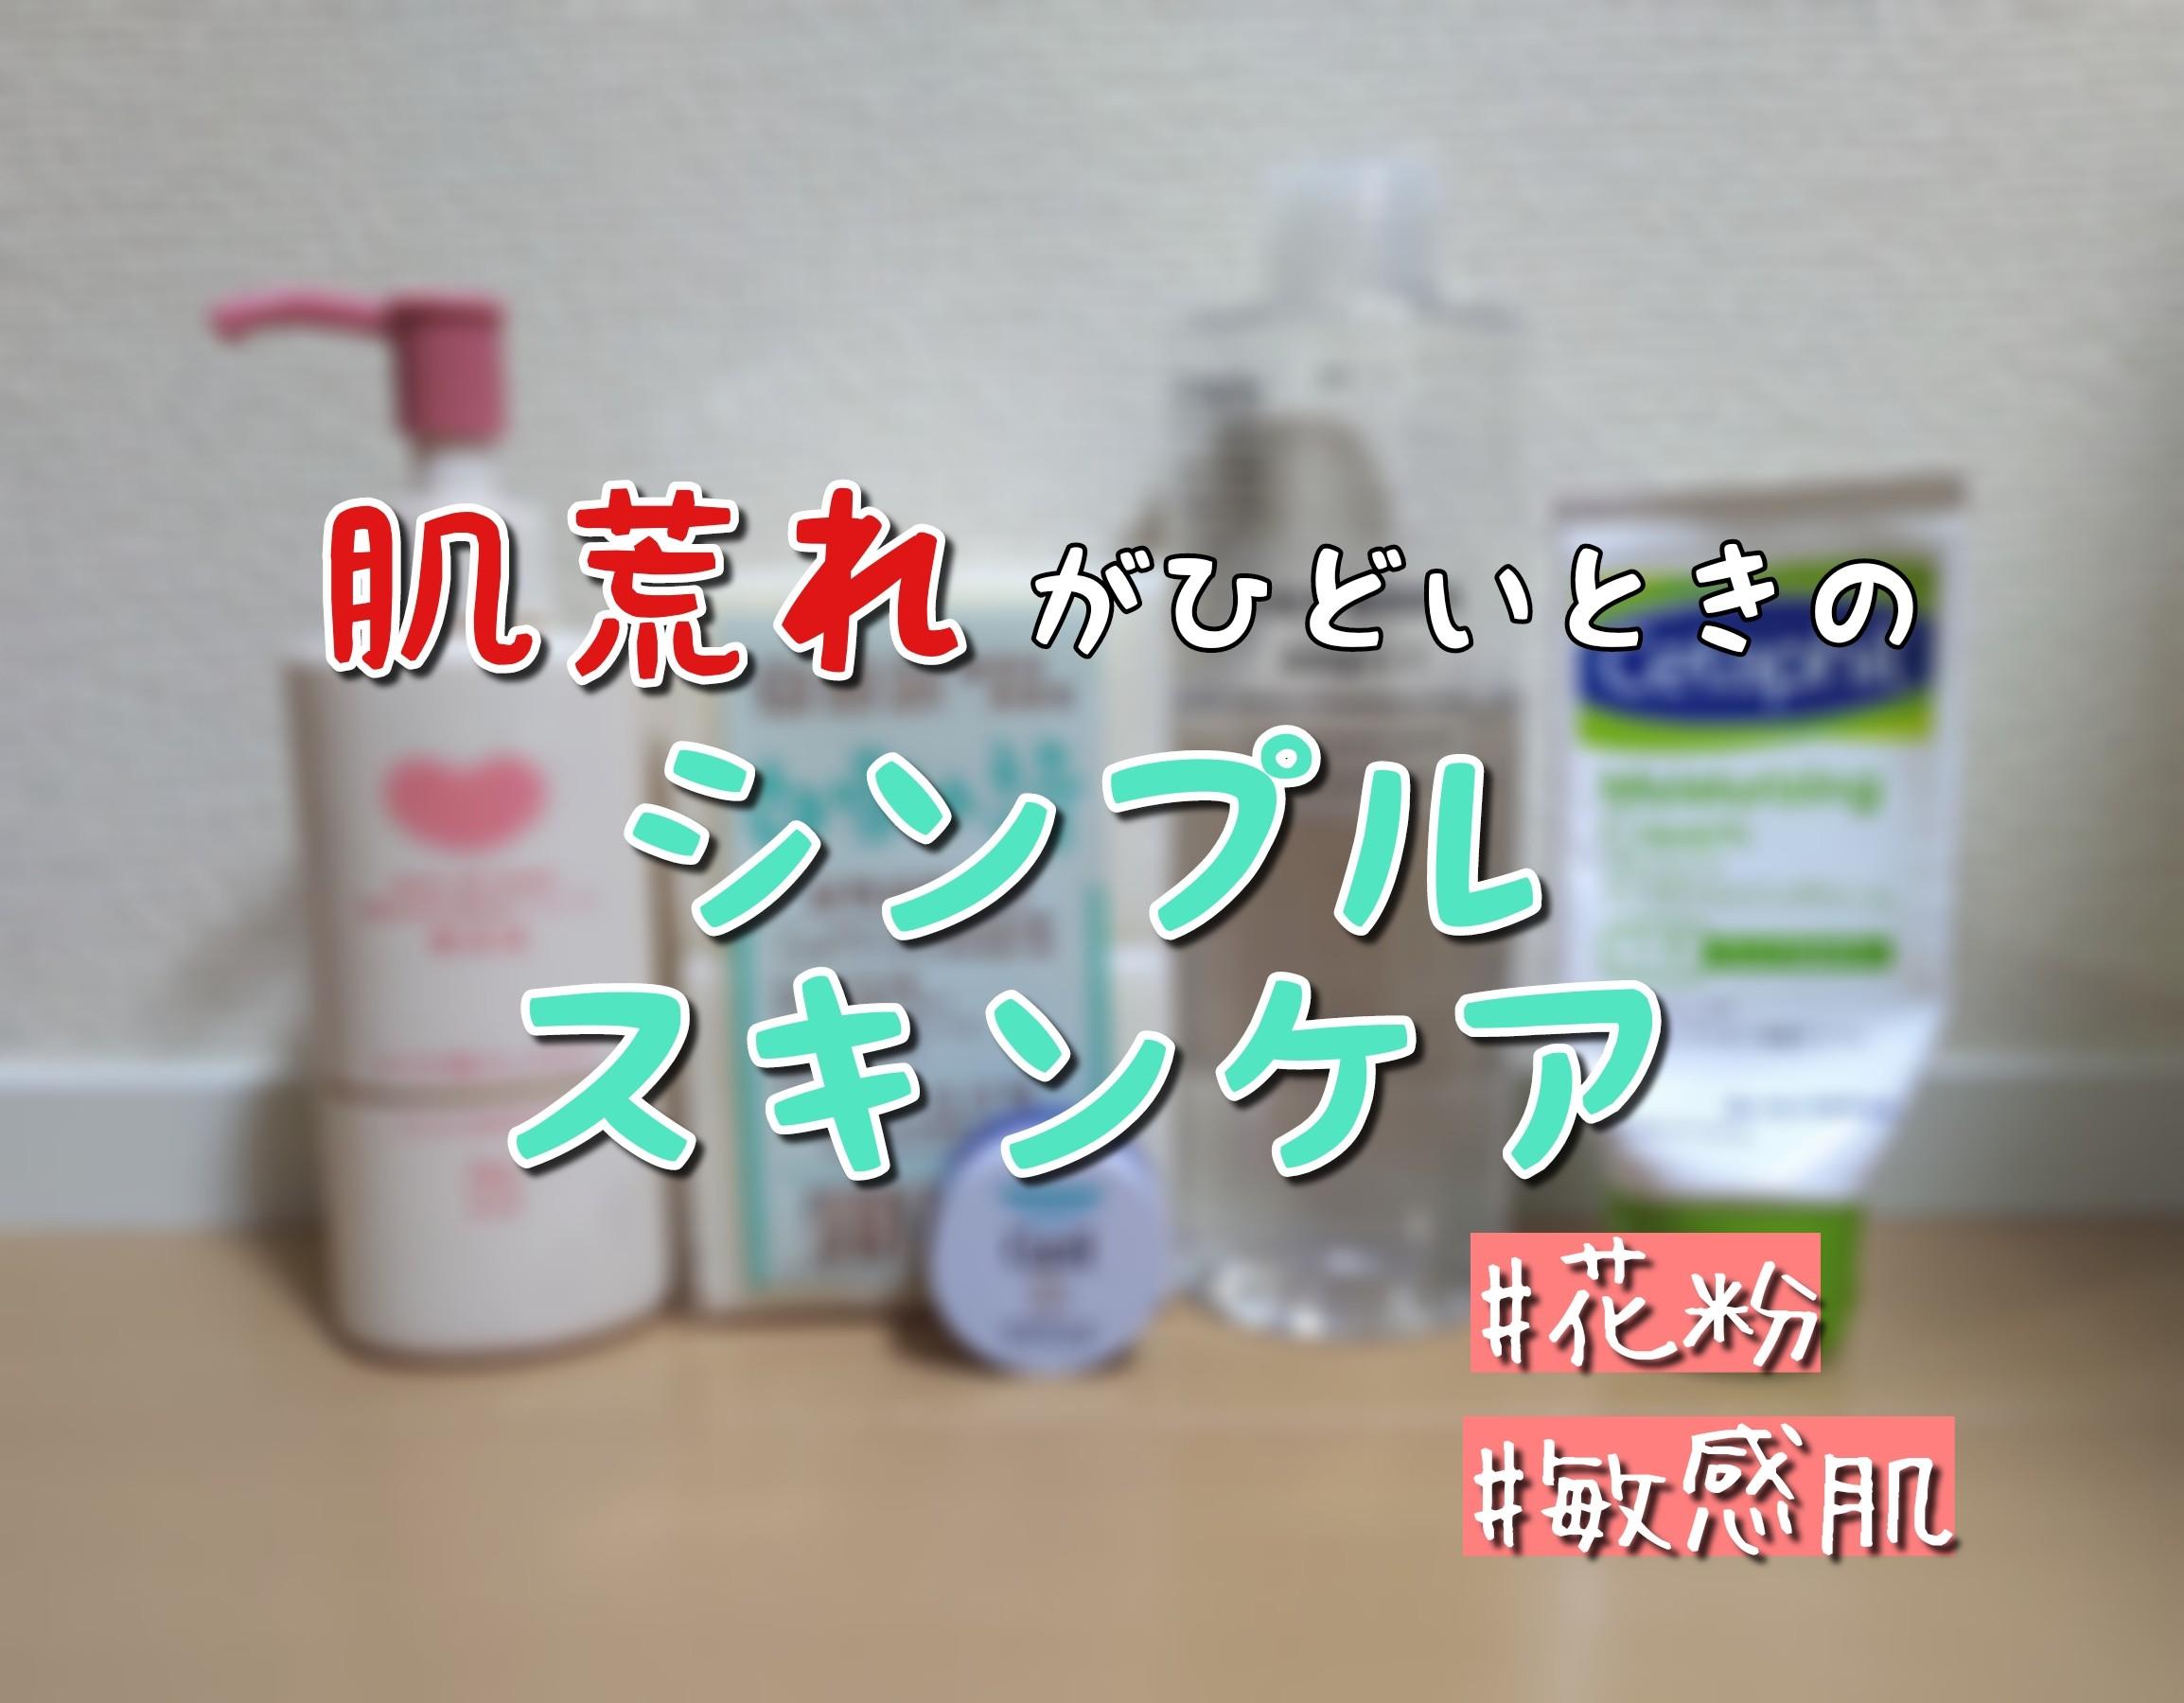 肌荒れしたときでも使えるスキンケア用品とスキンケア術【敏感肌のシンプルスキンケア】